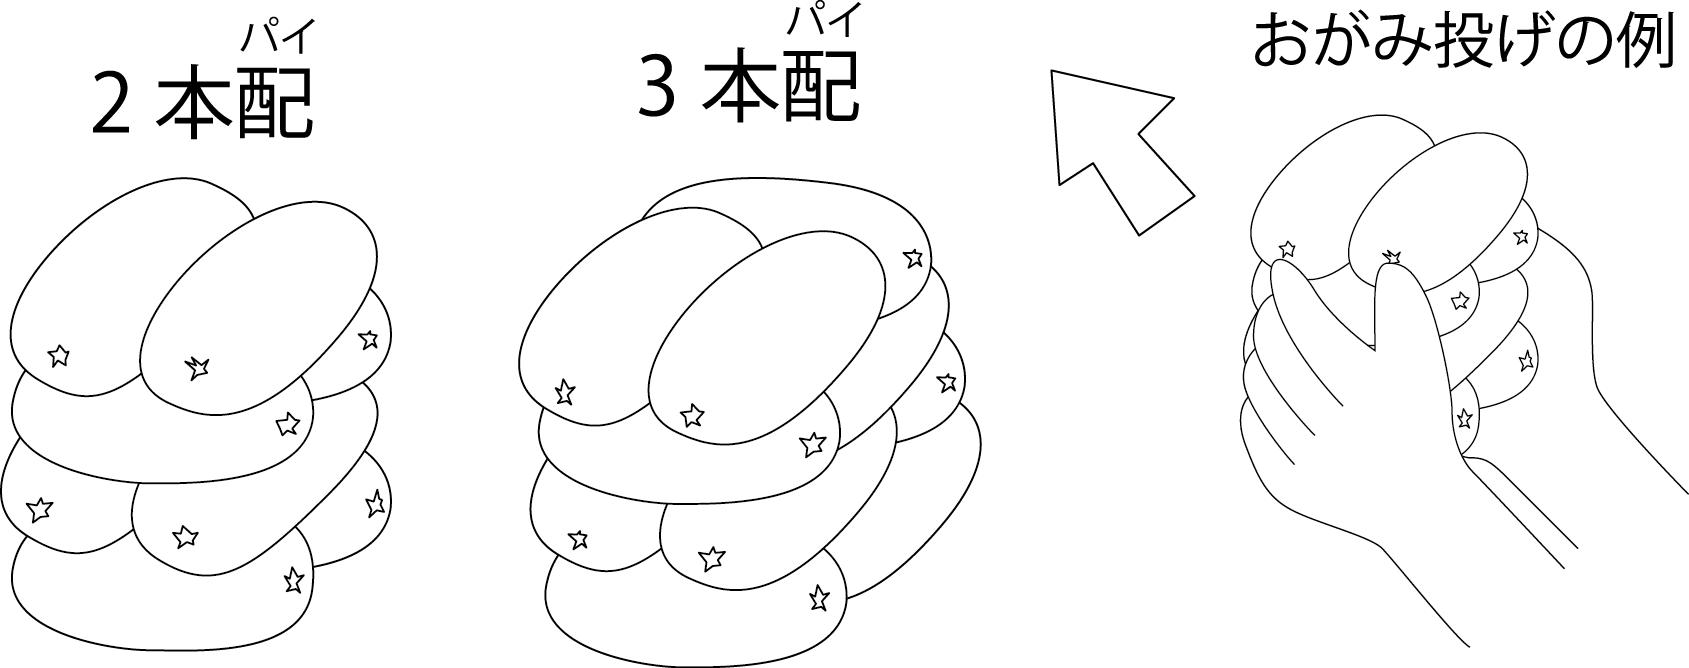 2本配、3本配、おがみ投げの例